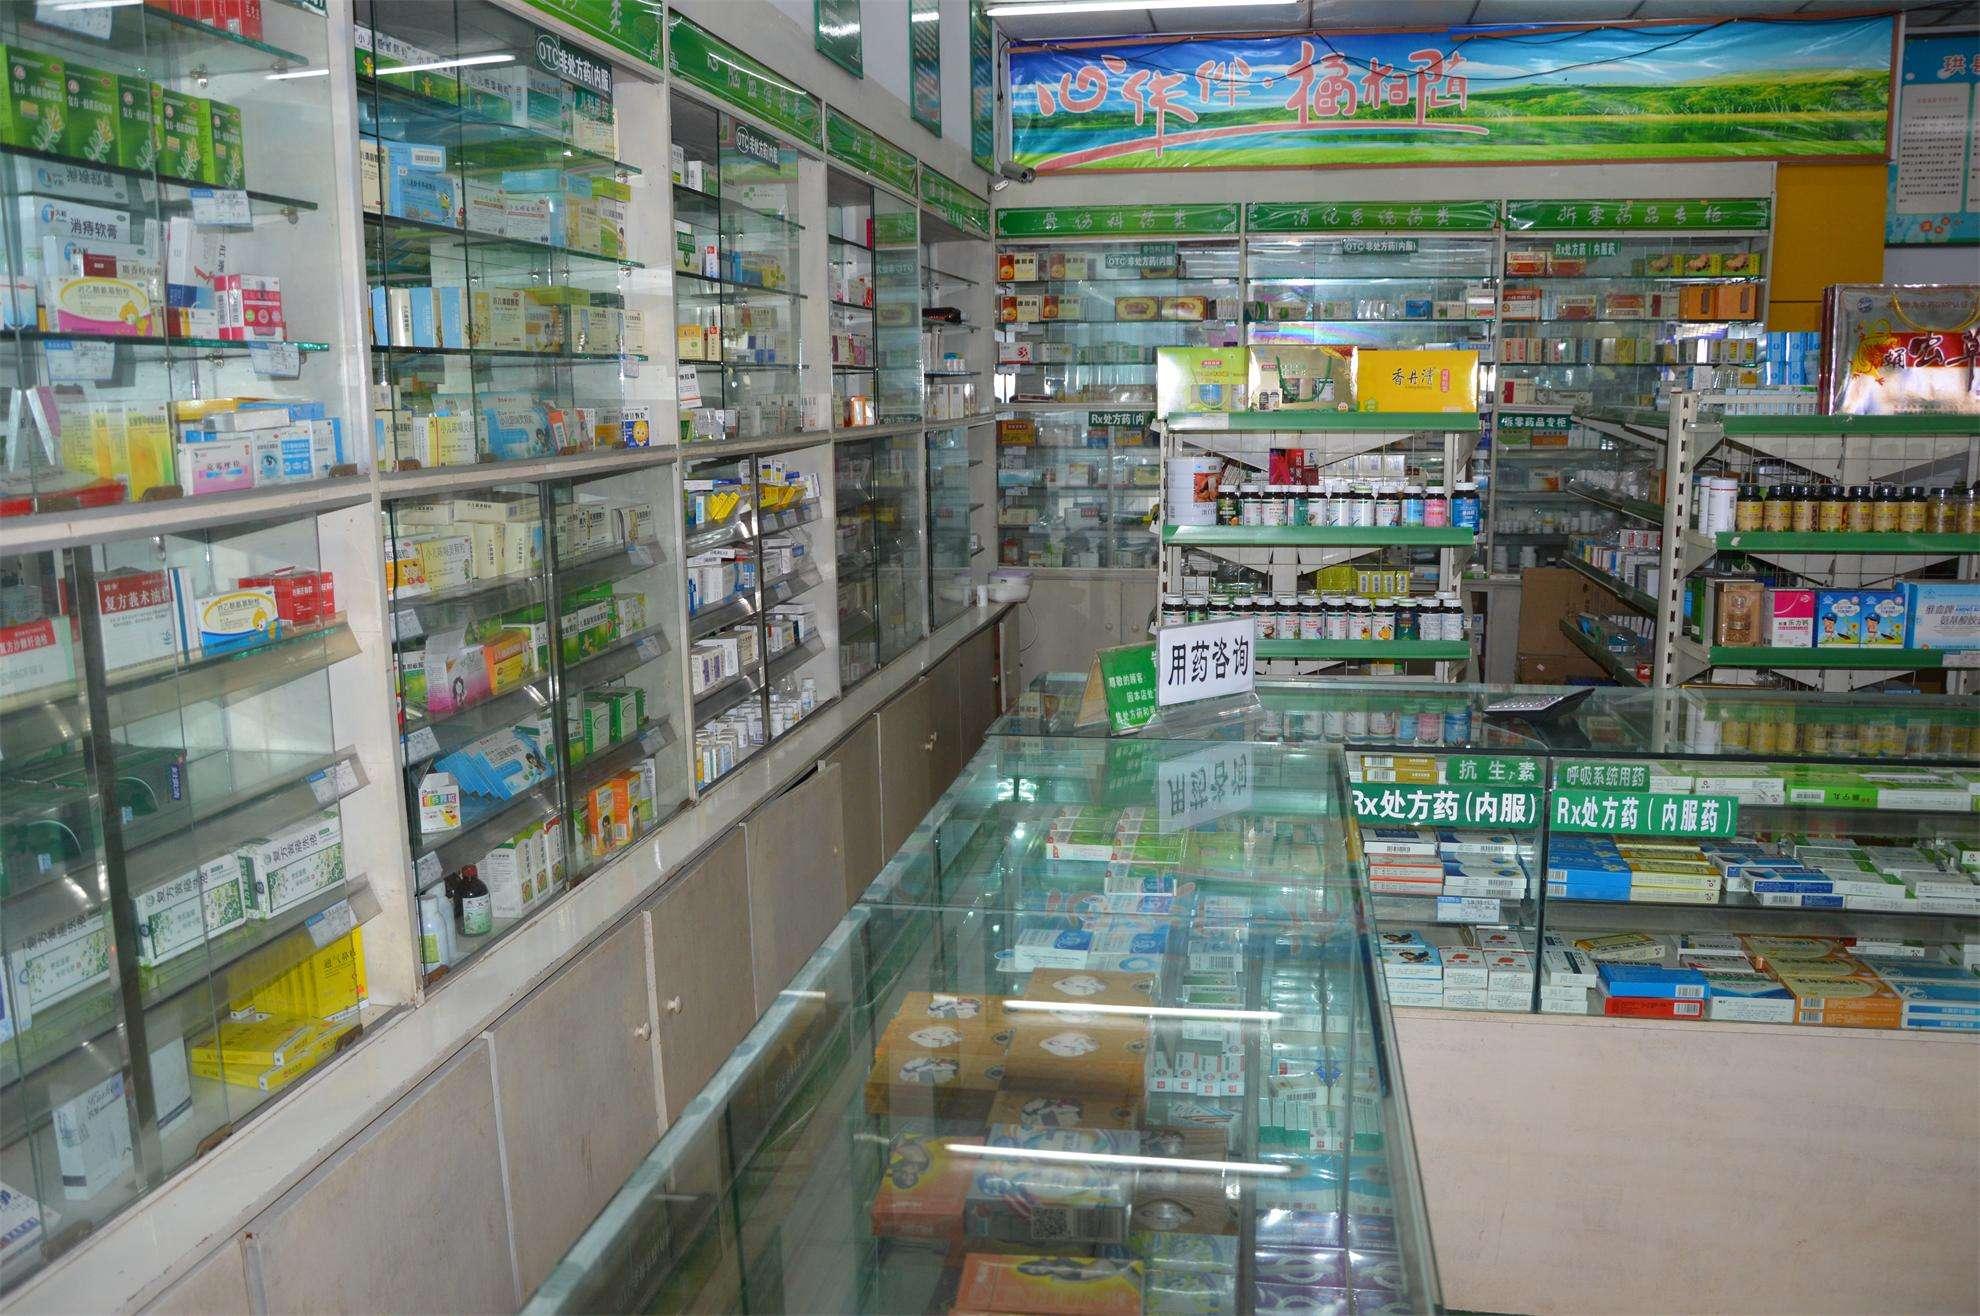 原创街上药店为啥越开越多?真的是暴利吗?